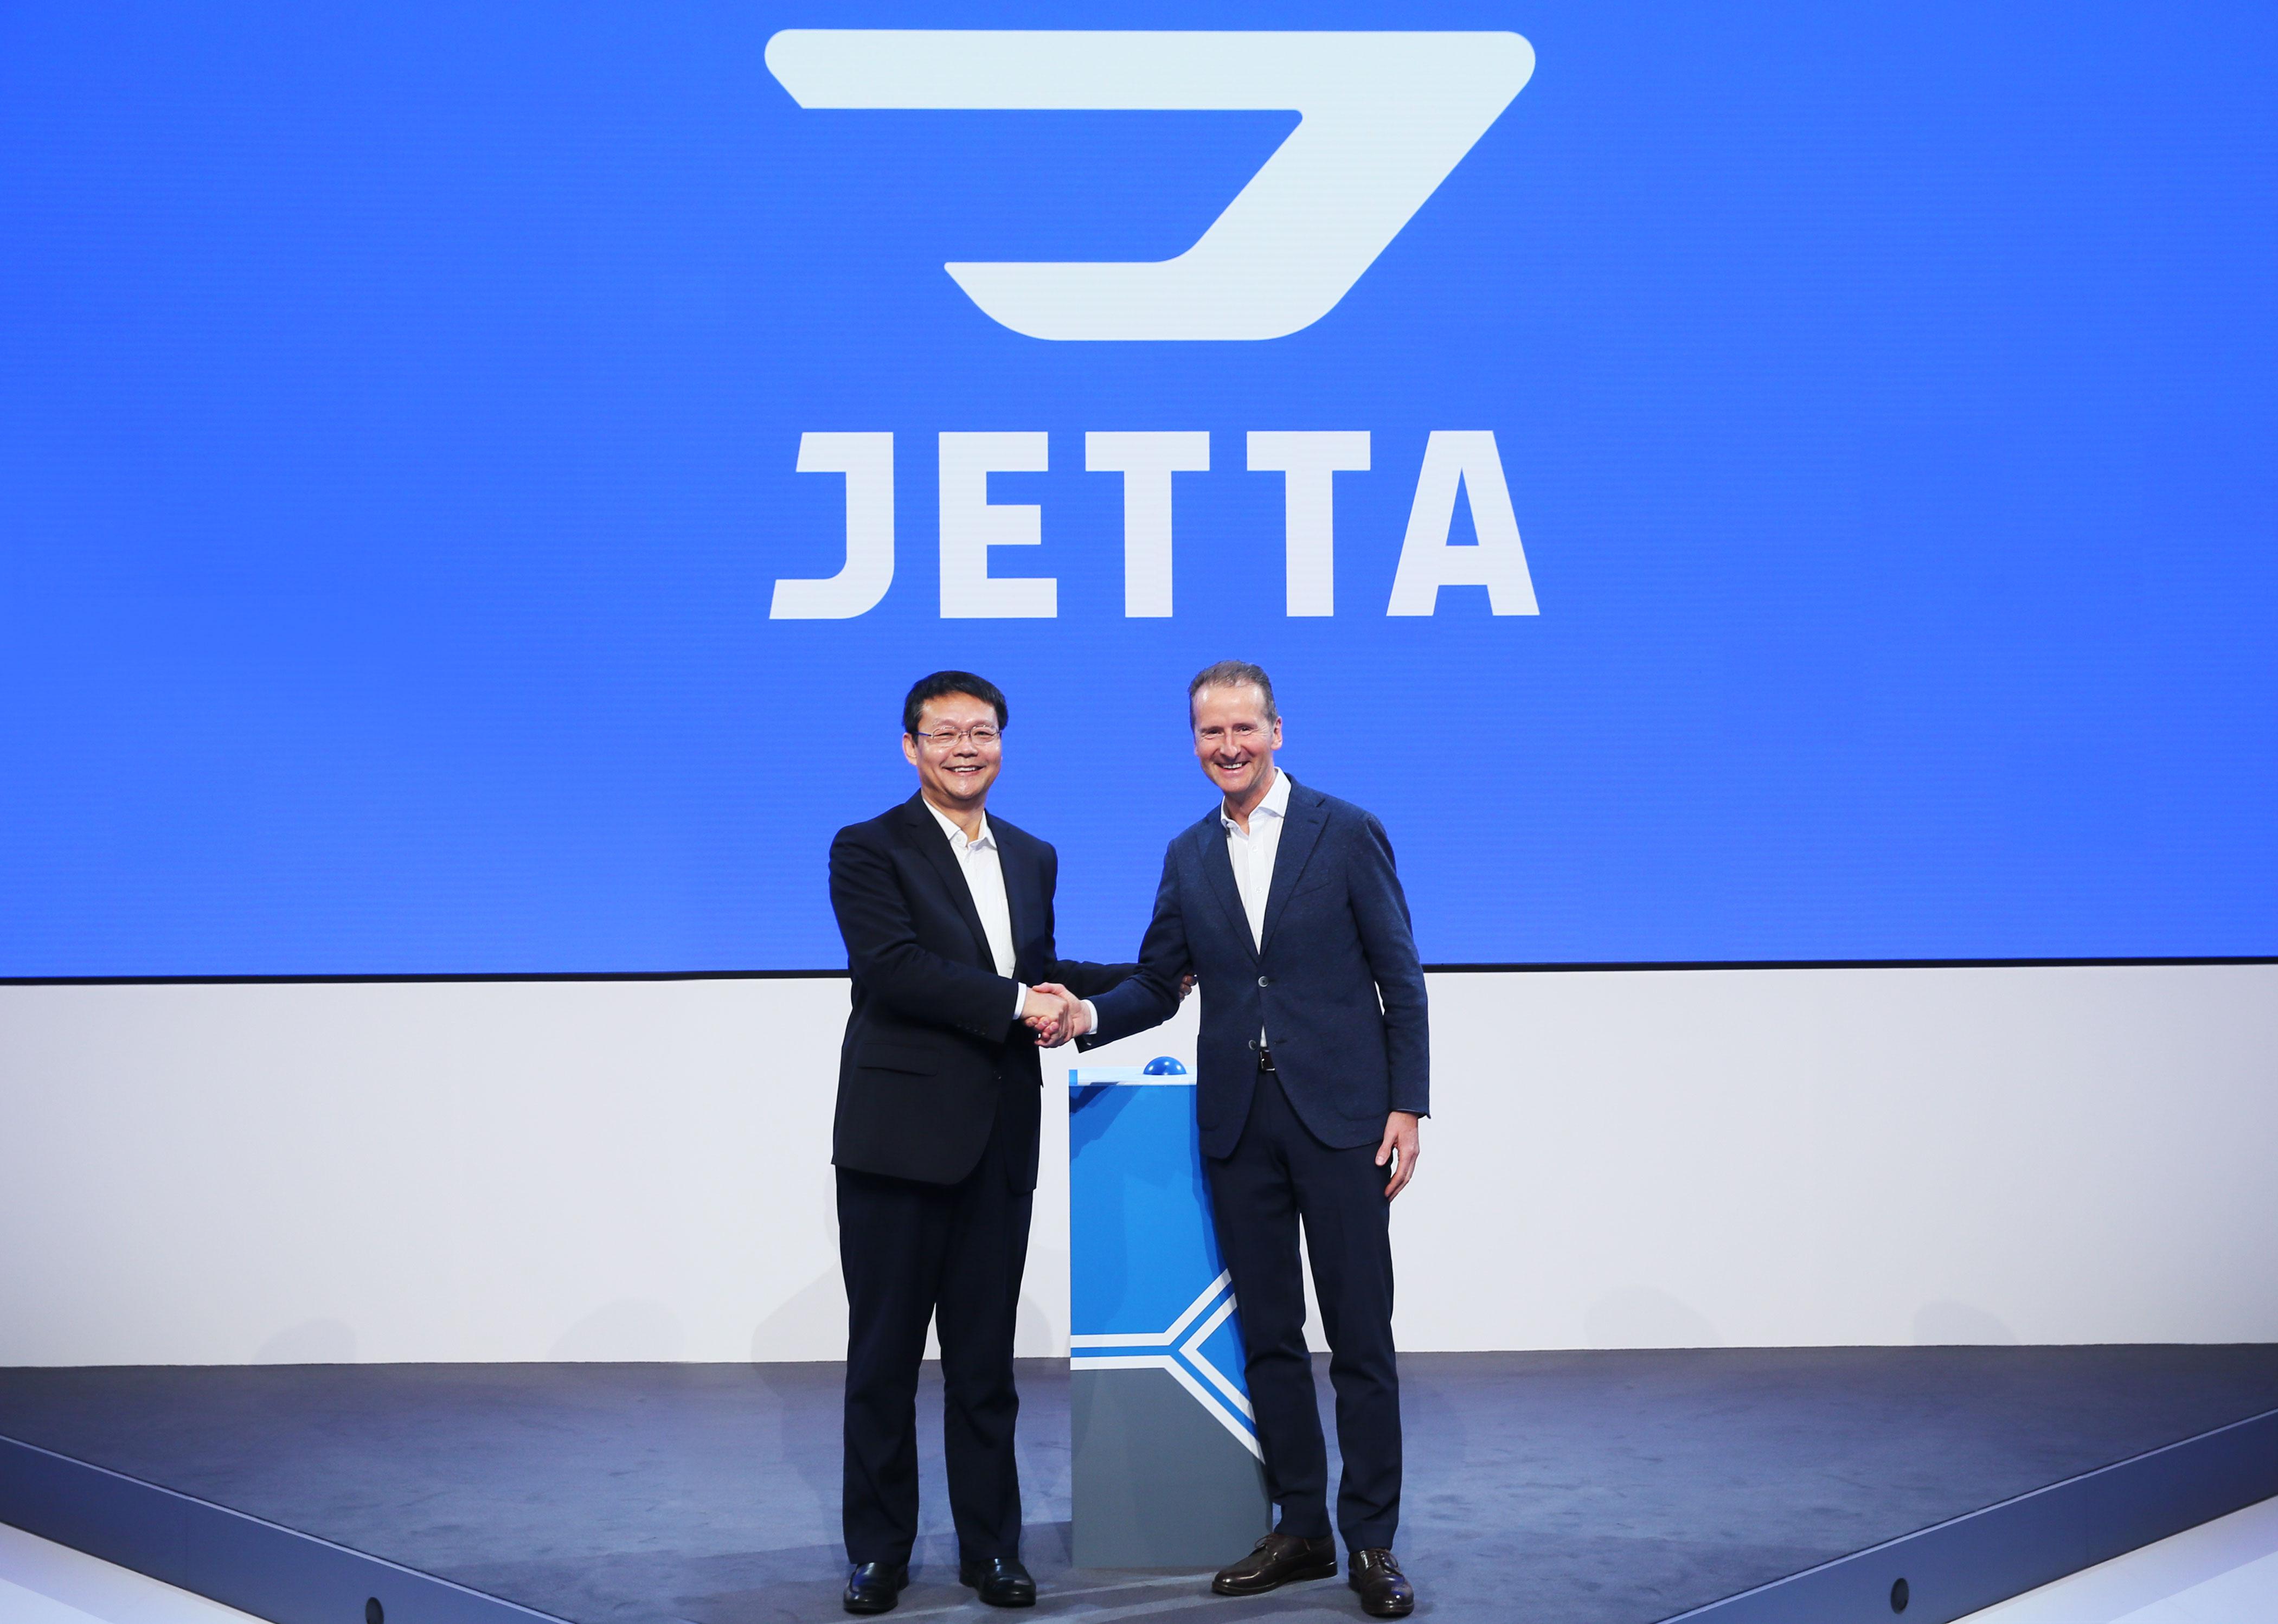 一汽集团有限公司党委副书记、副总经理秦焕明先生,及大众汽车董事会主席迪斯博士